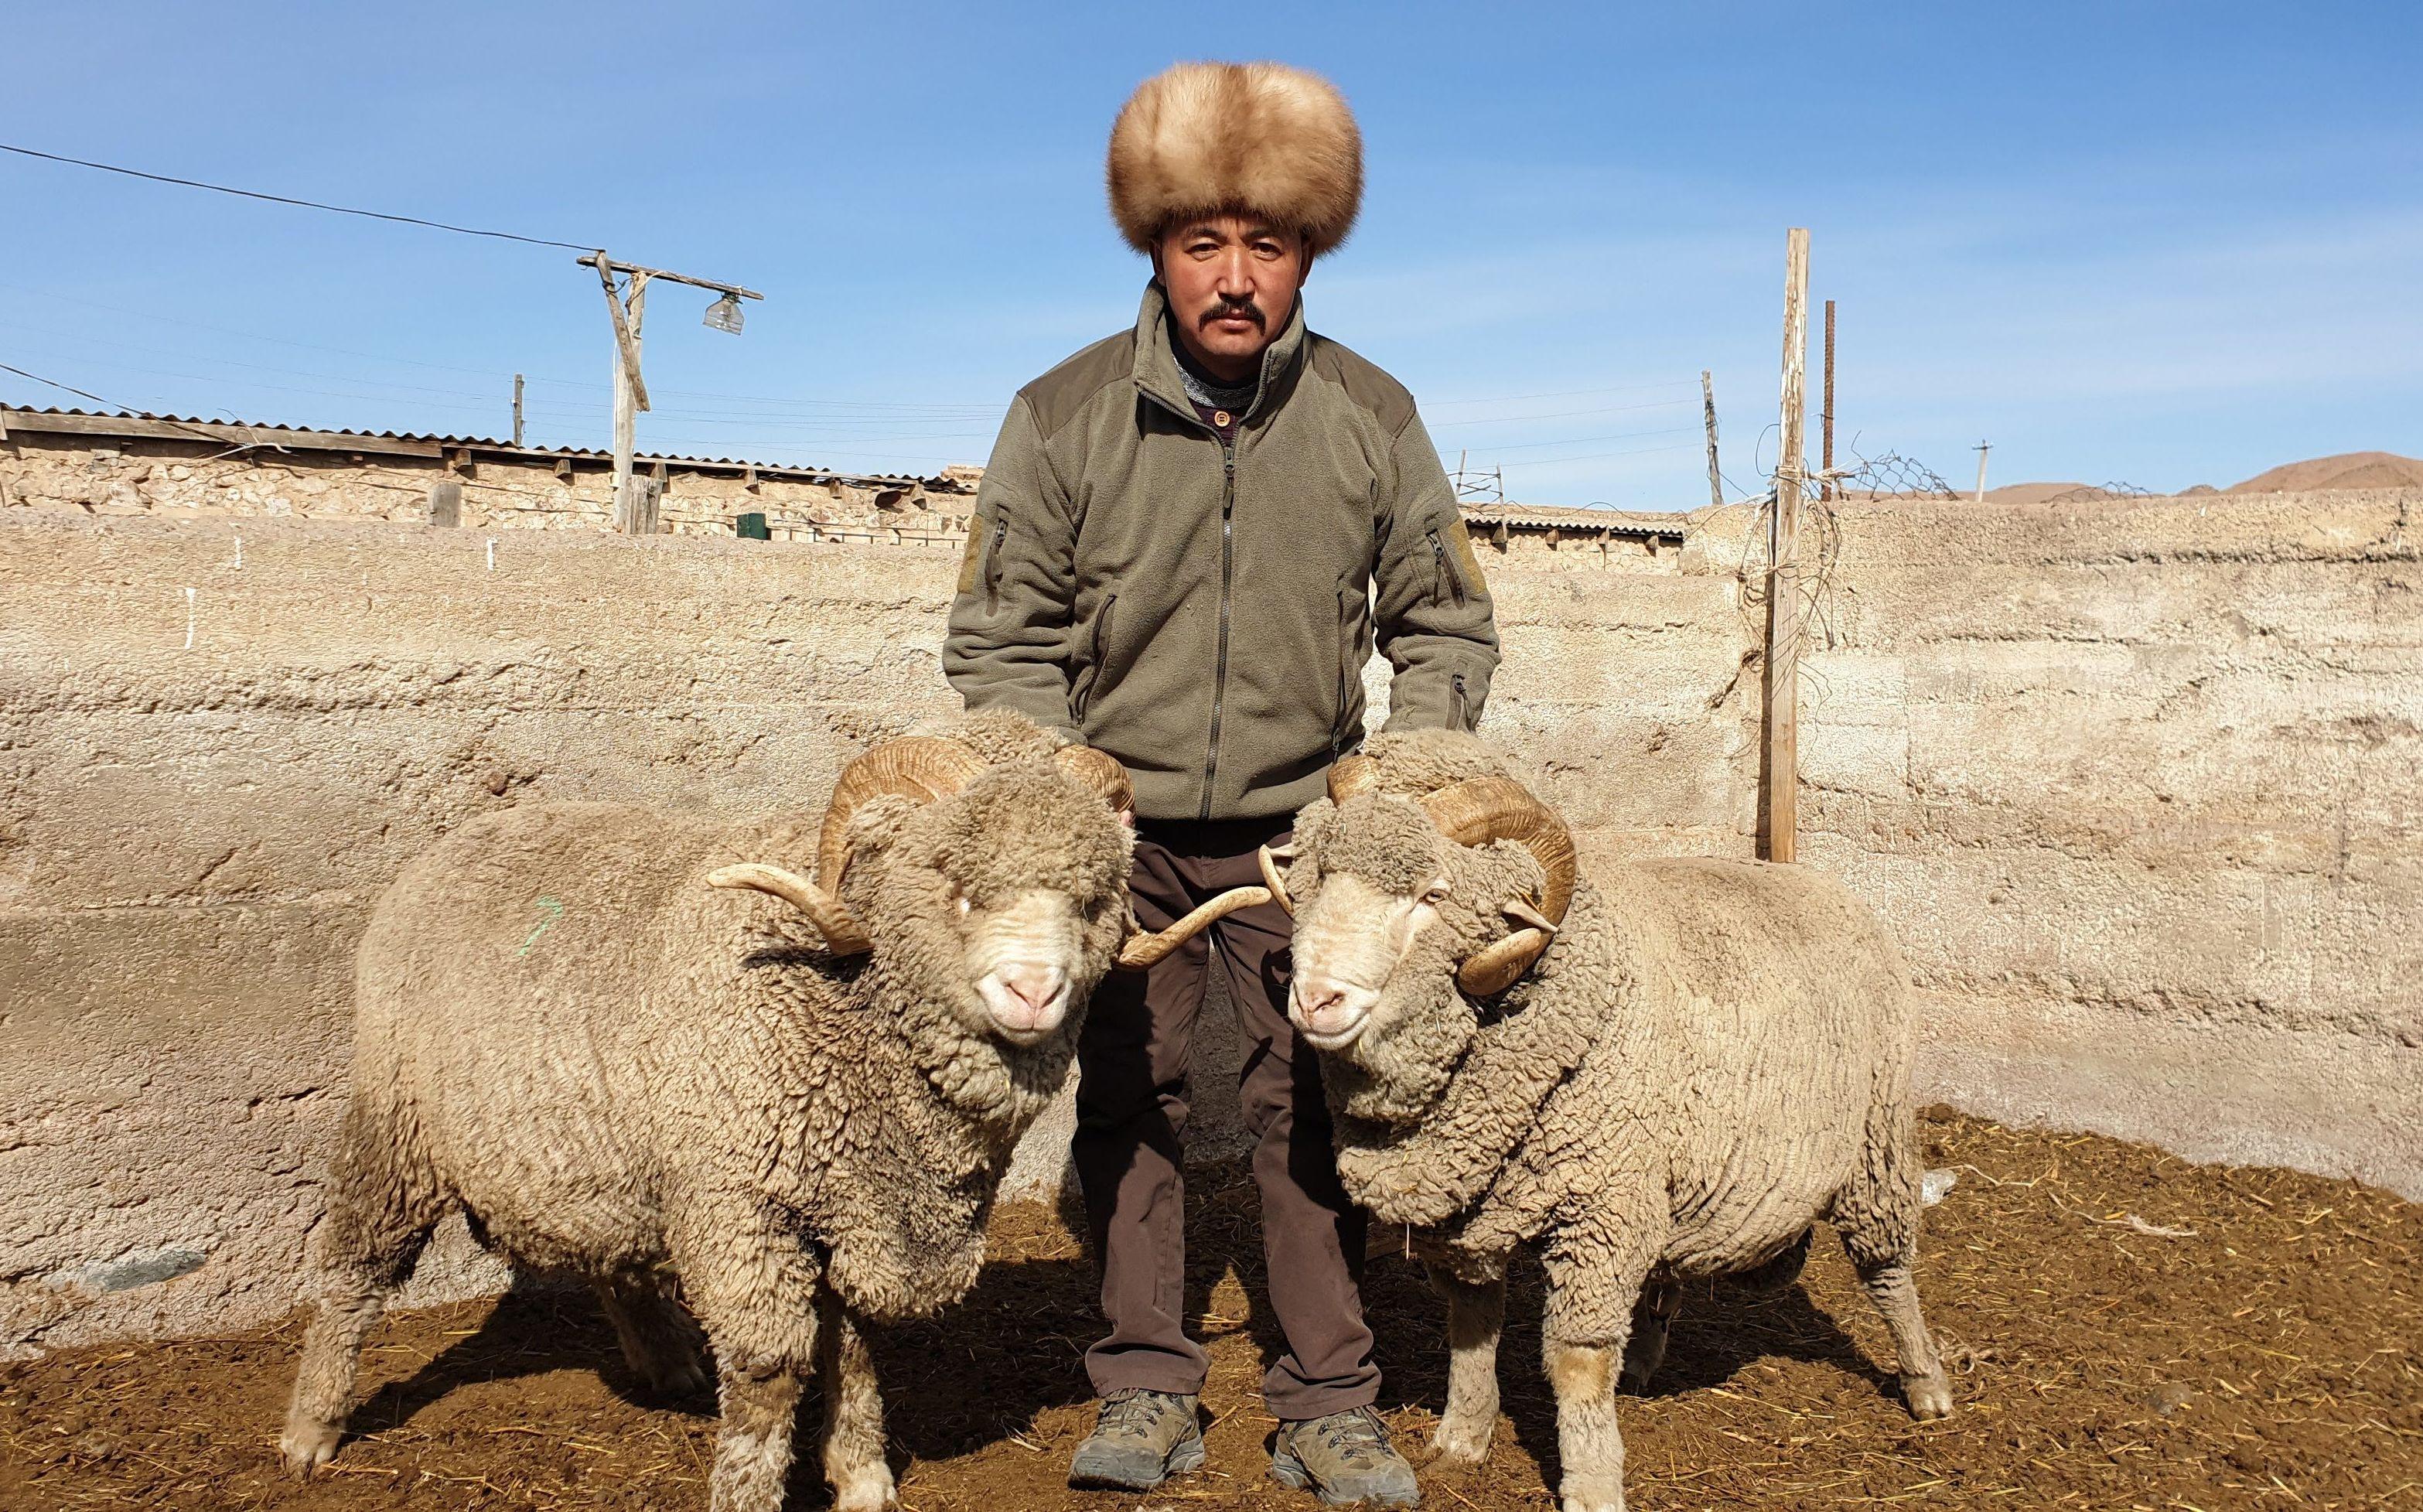 Животновод из Тонского района Иссык-Кульской области Баатырбек Акматов с овцами породы Меринос